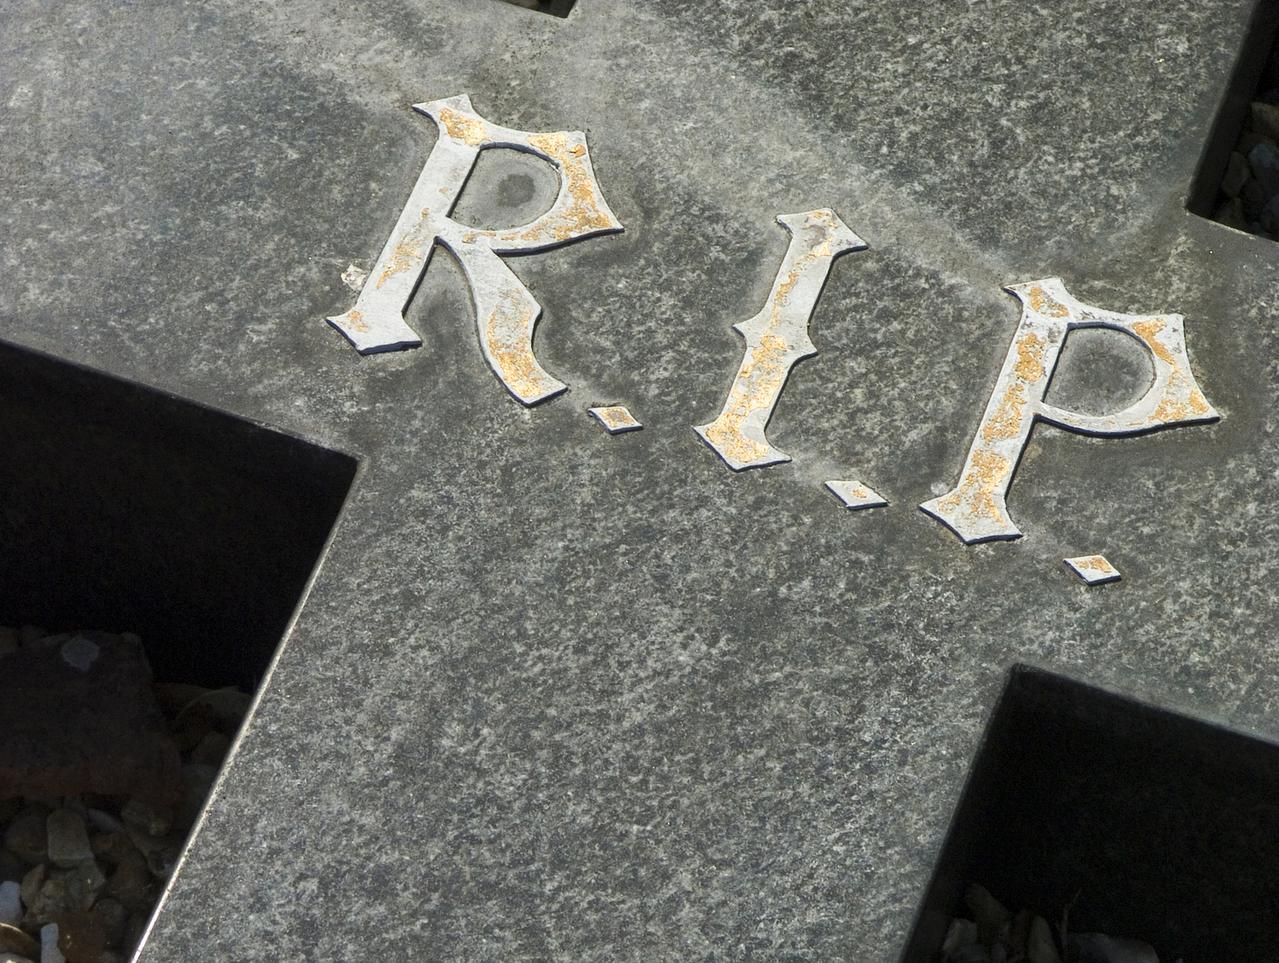 Proverbi sui funerali e sul lutto